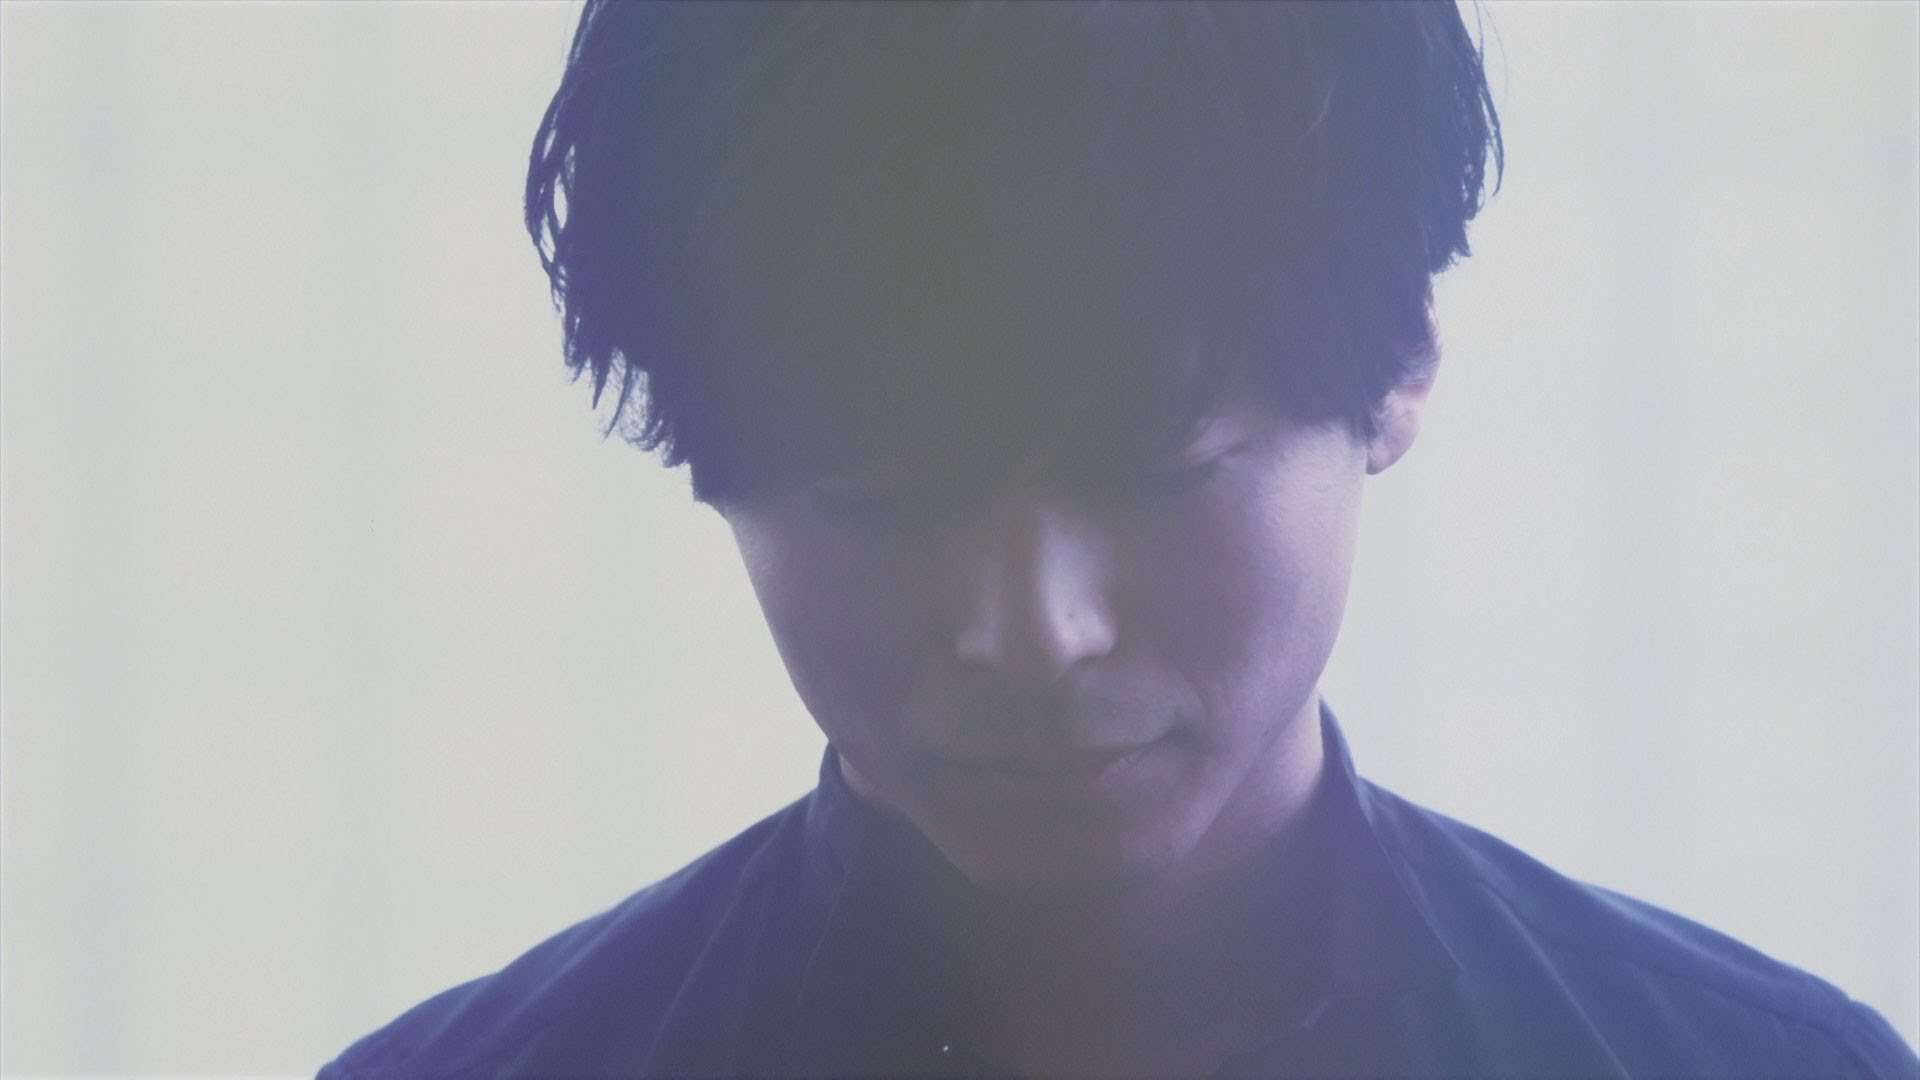 中田裕二 / シルエット・ロマンス(from Album 『SONG COMPOSITE』) - YouTube